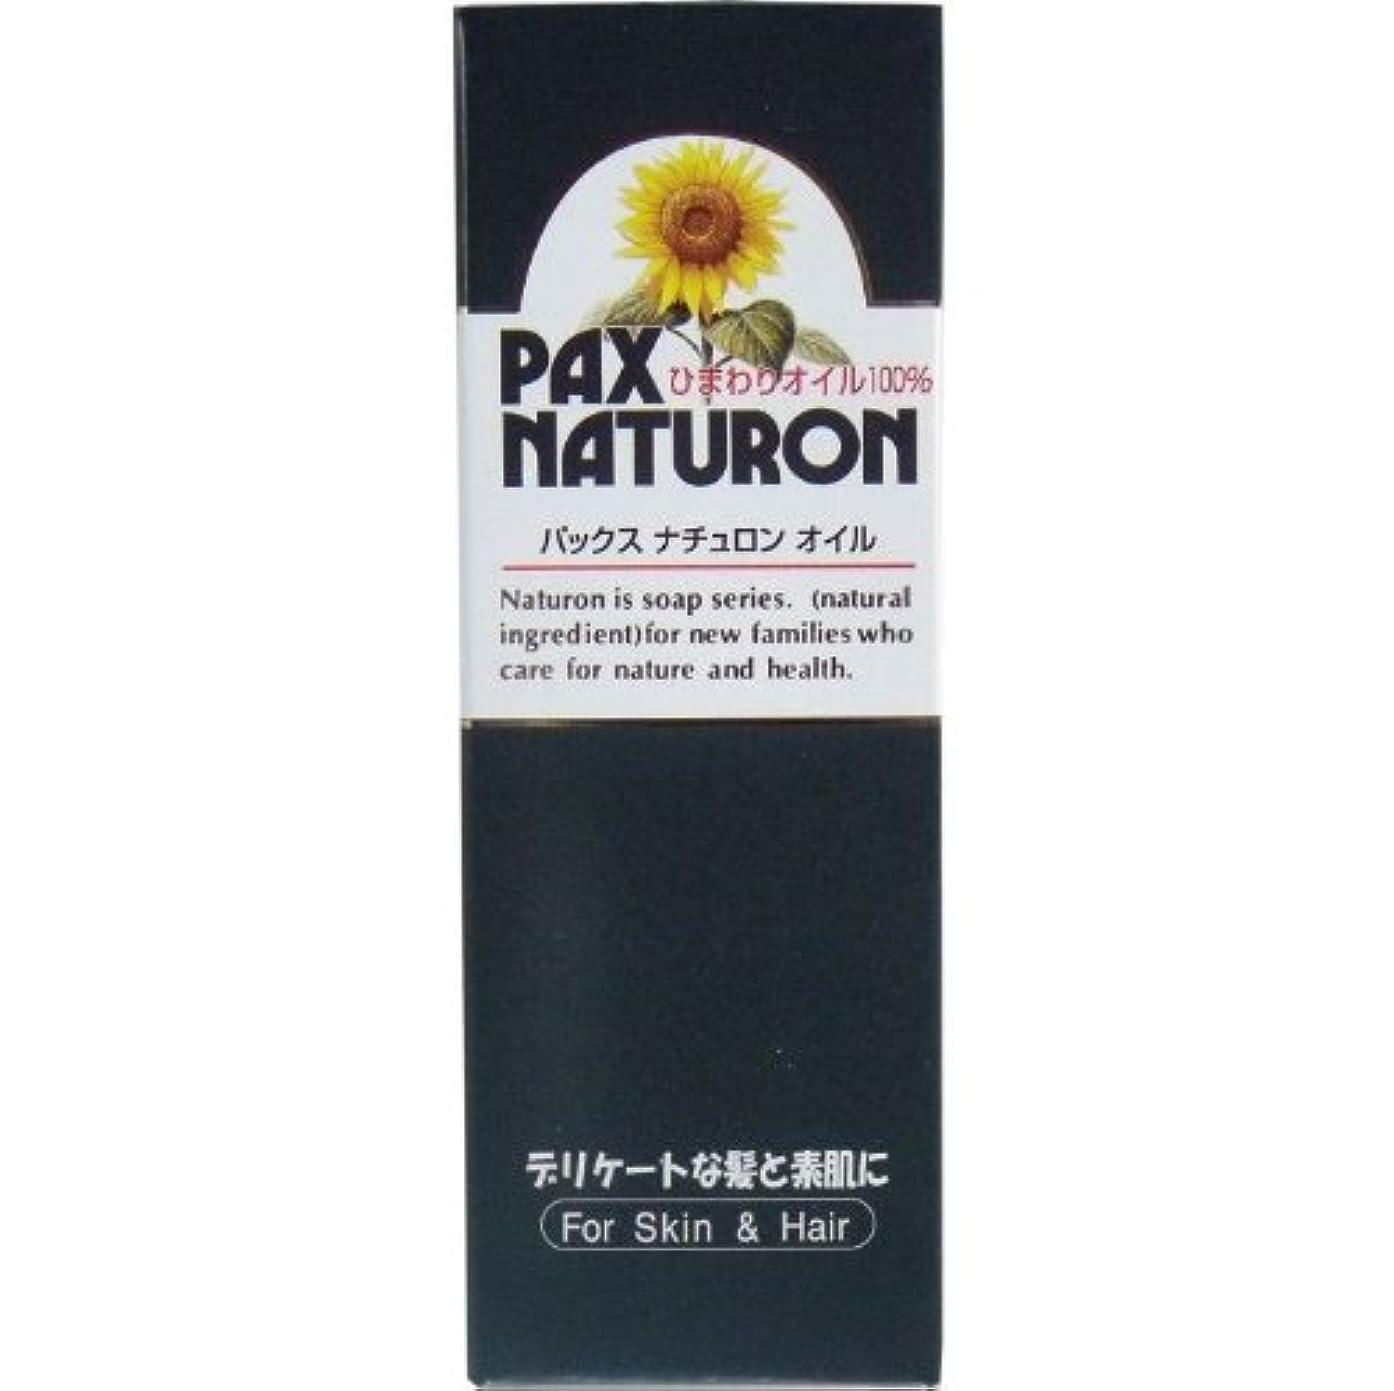 寝室コック人工デリケートな髪と素肌に!ひまわりの種子から採った ハイオレイックひまわり油 60mL